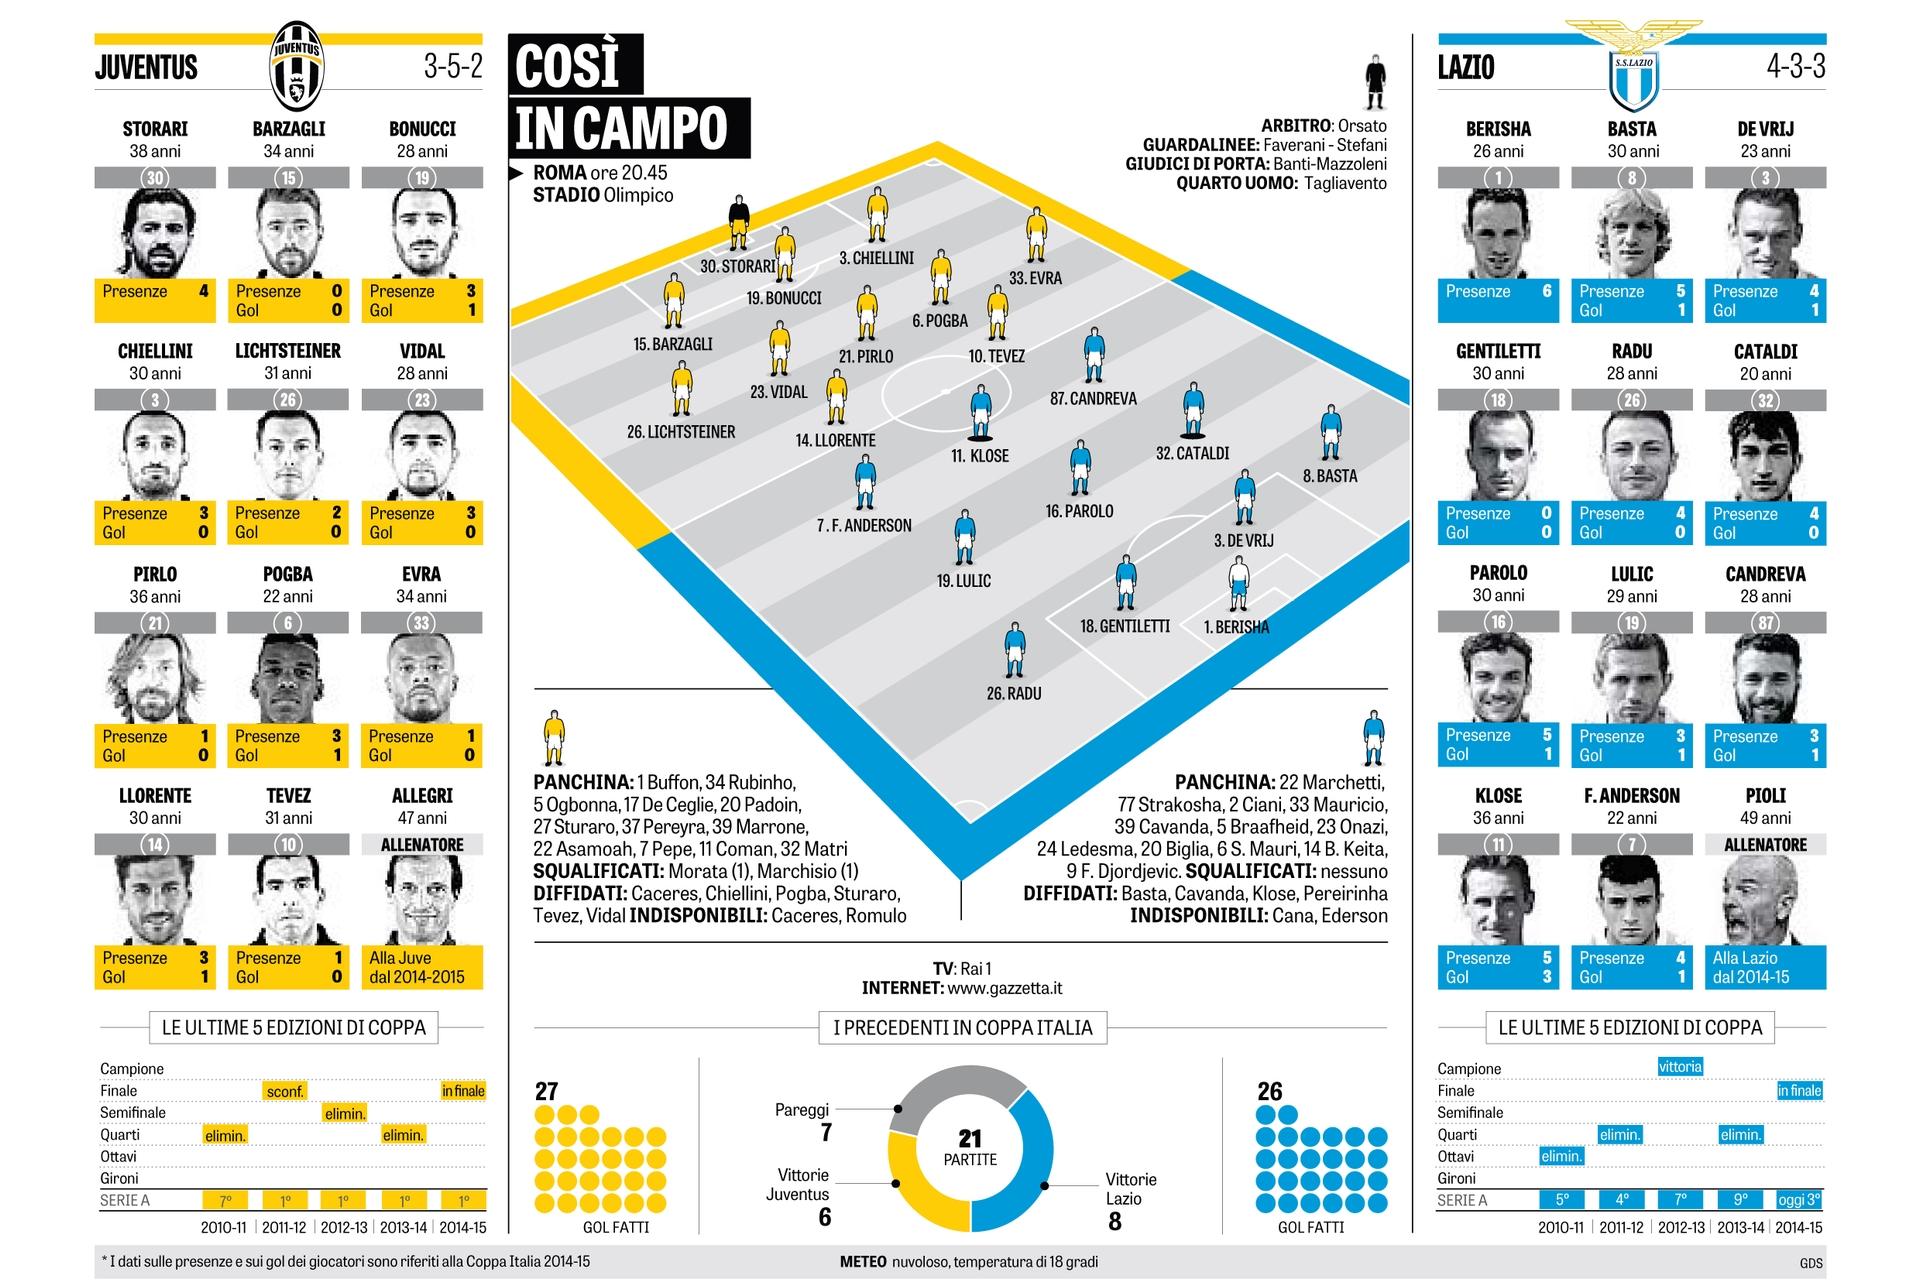 Kupadöntő, 2015.05.20. Juventus - Lazio 20:45 U3ojsv85